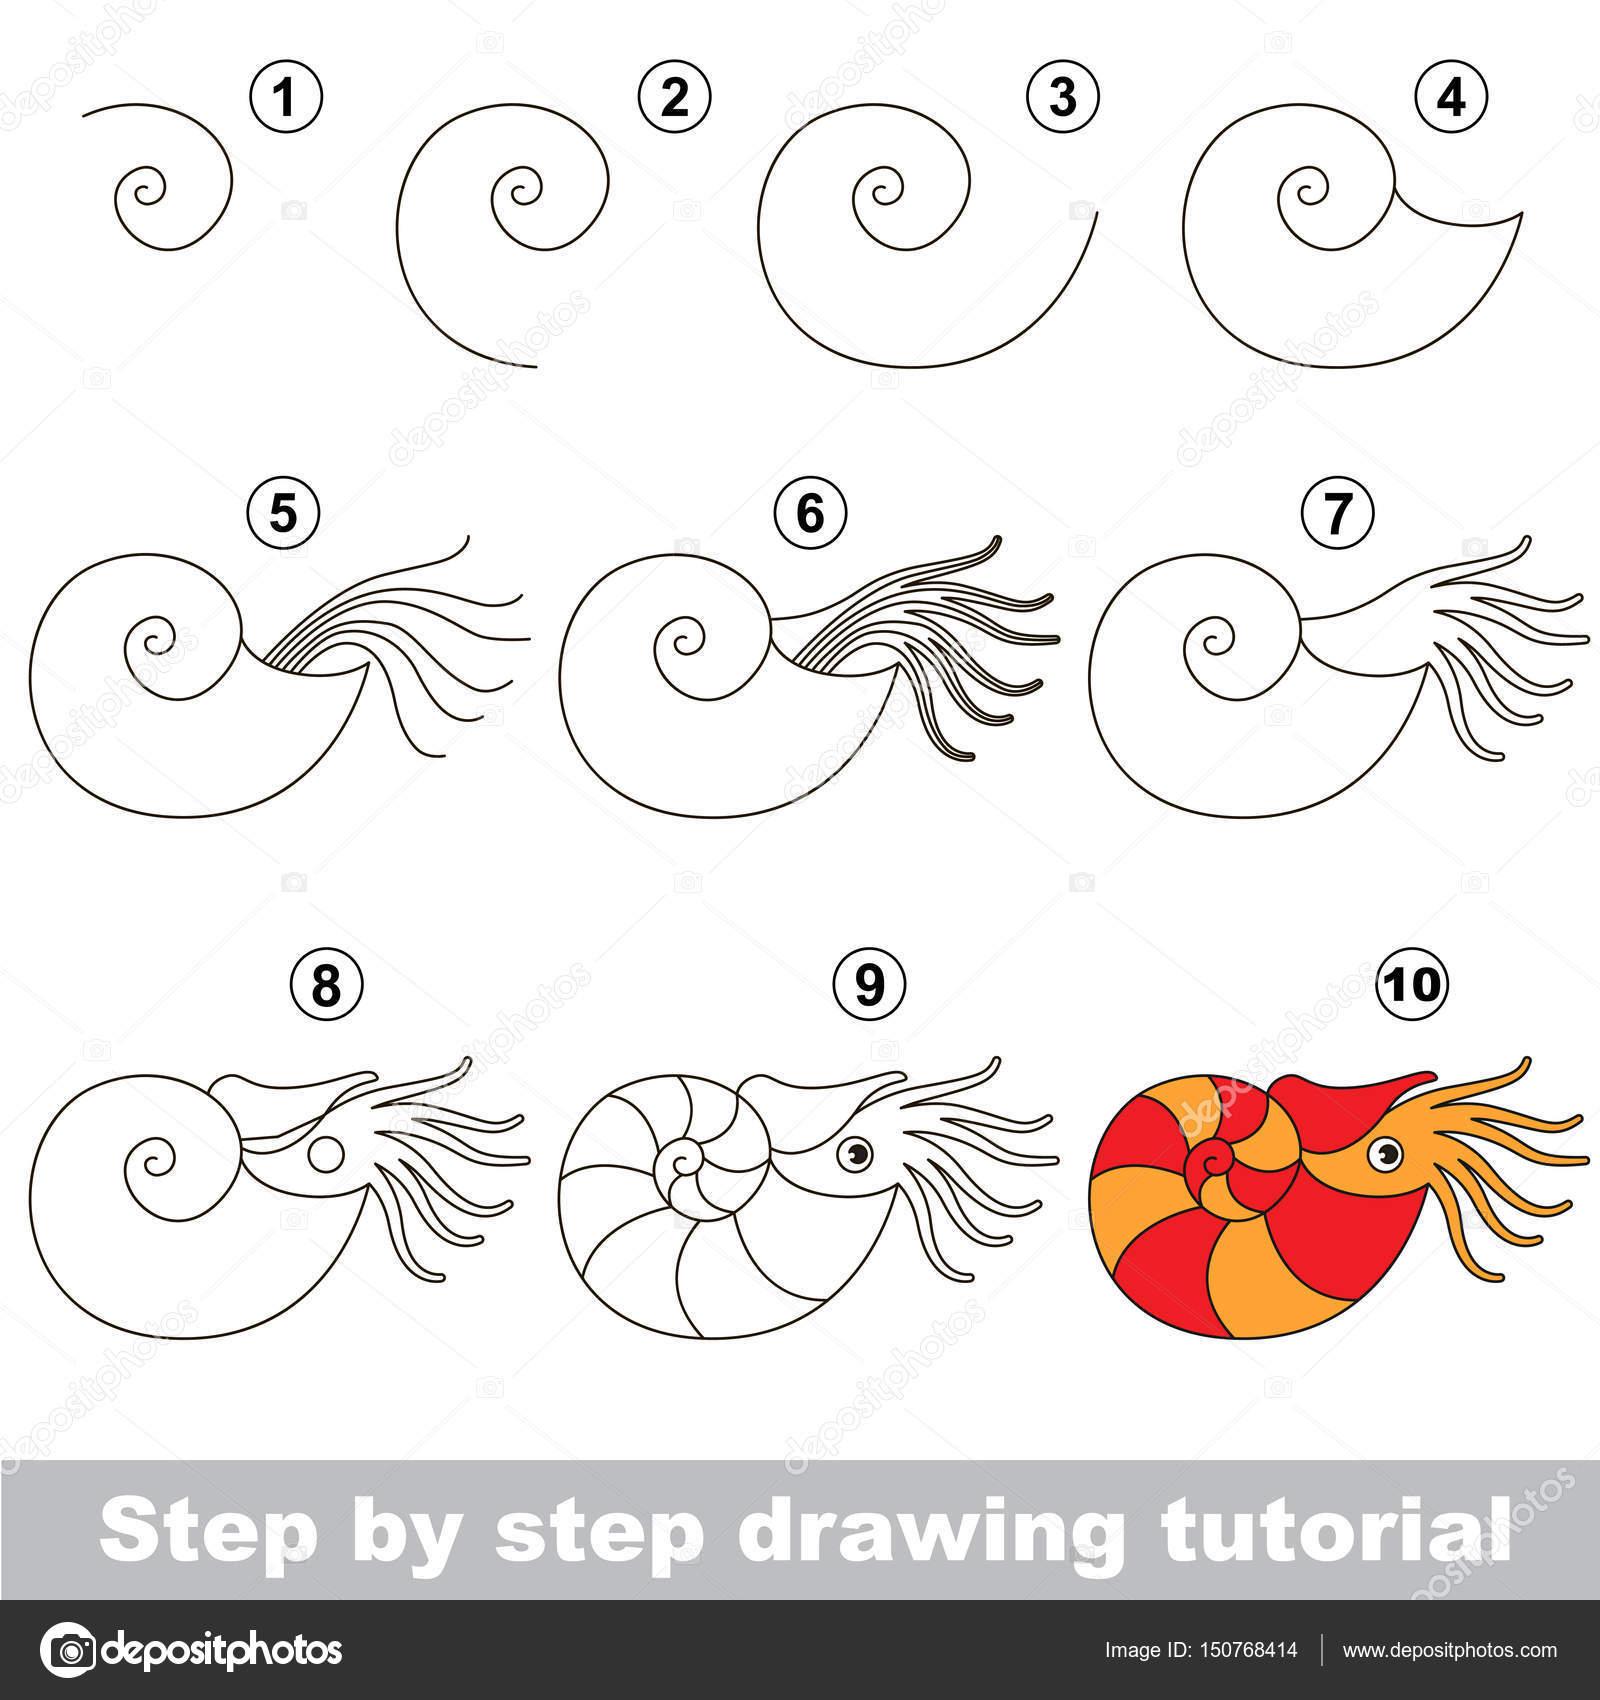 Como Se Dibuja Una Estrella De Mar Paso A Paso Tutorial De Dibujo